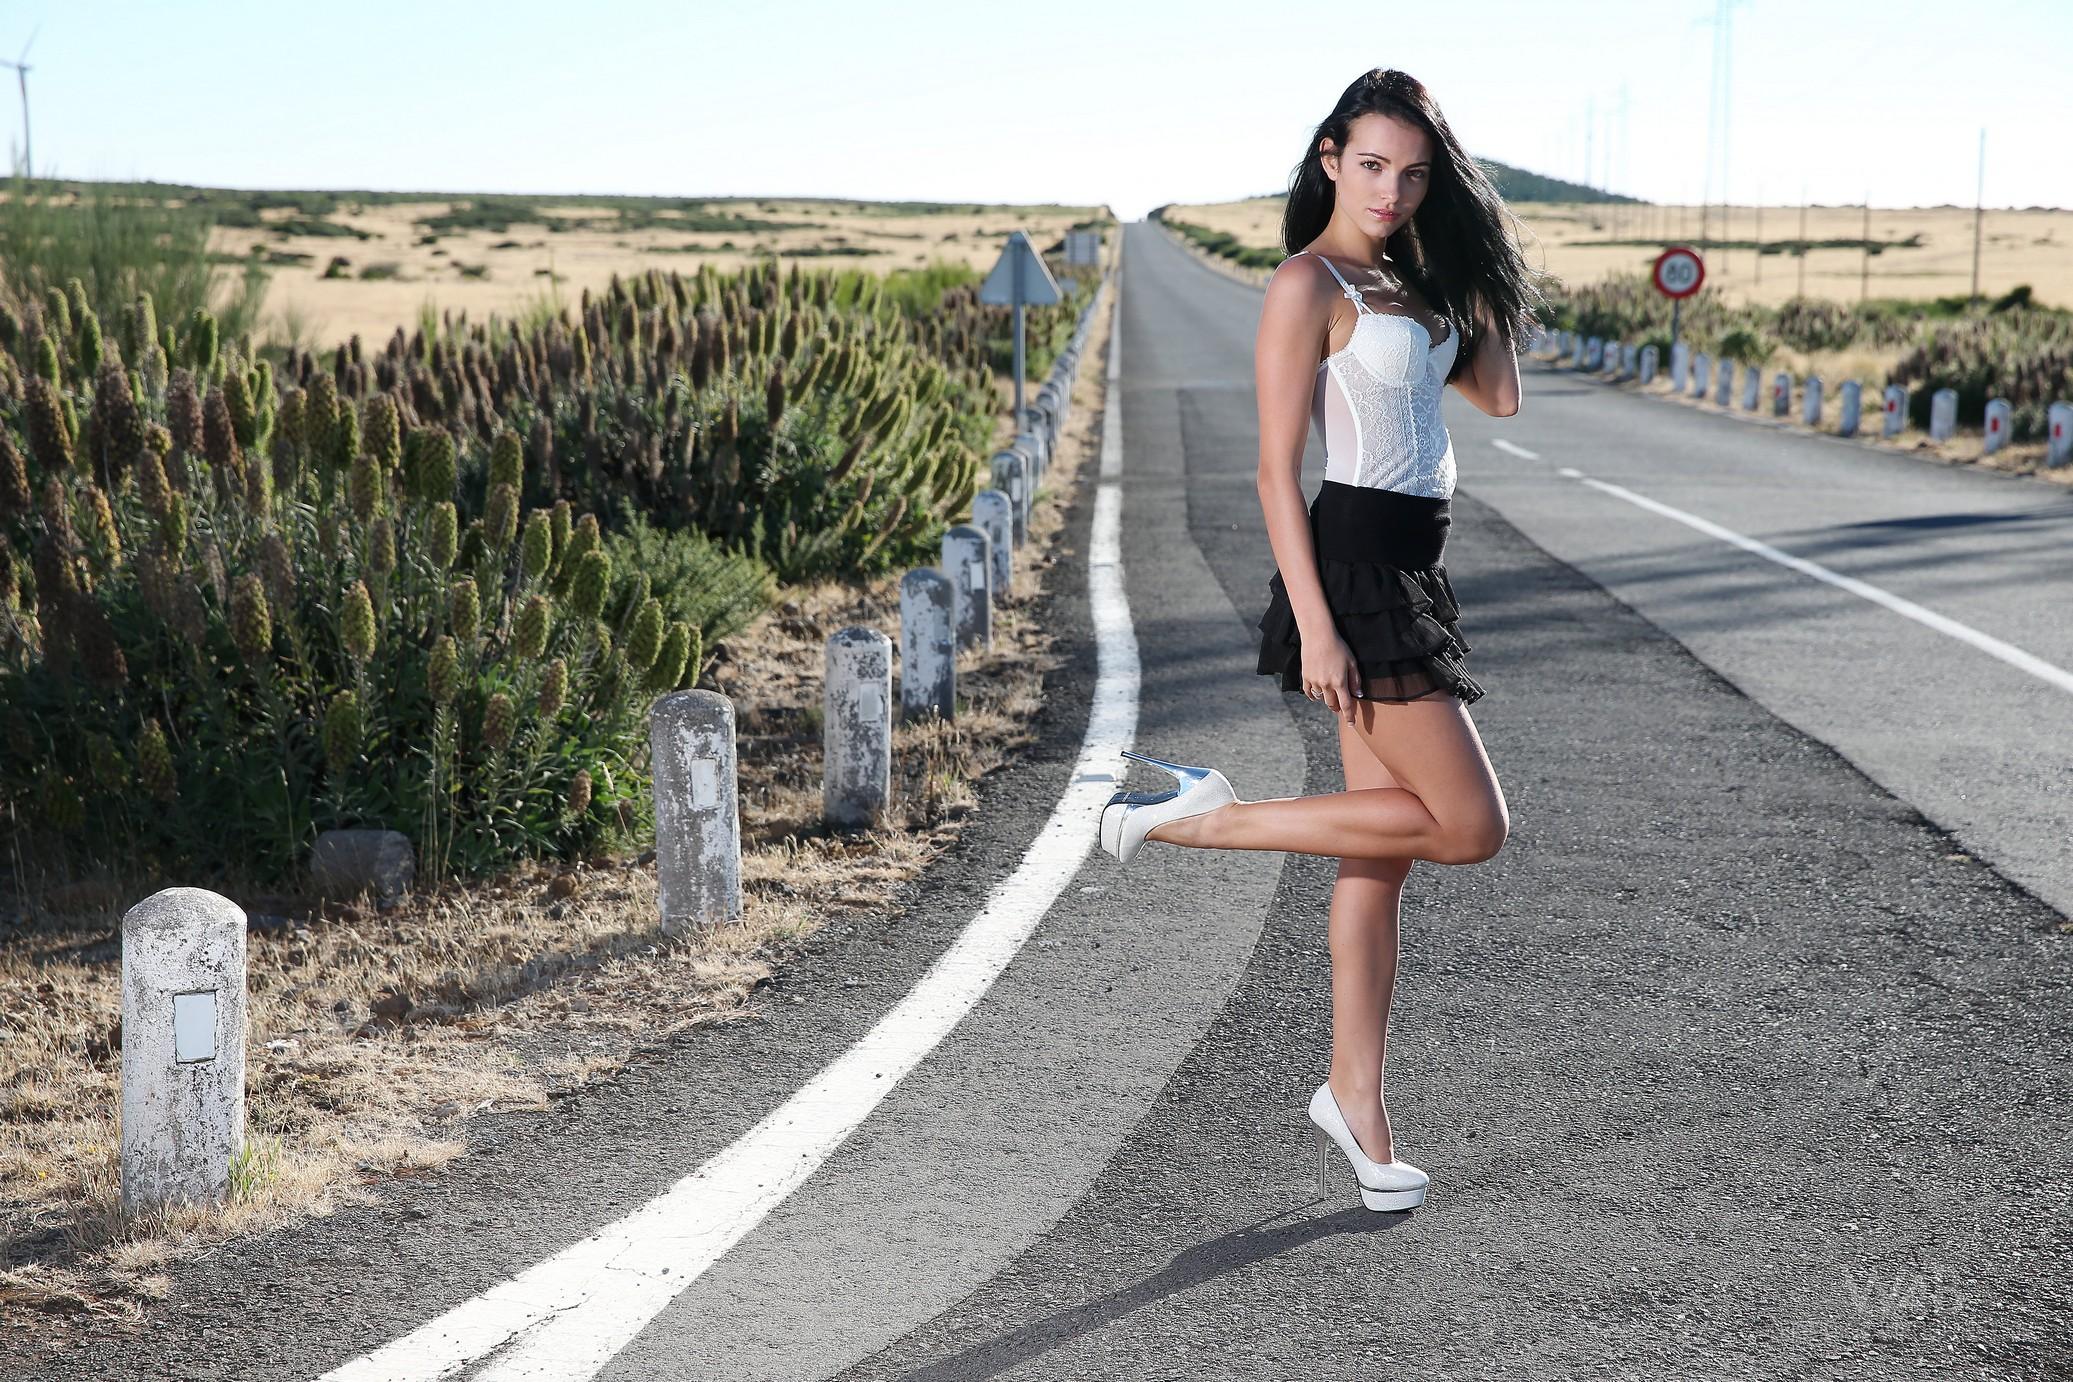 sapphira-naked-madeira-road-high-heels-brunette-w4b-02